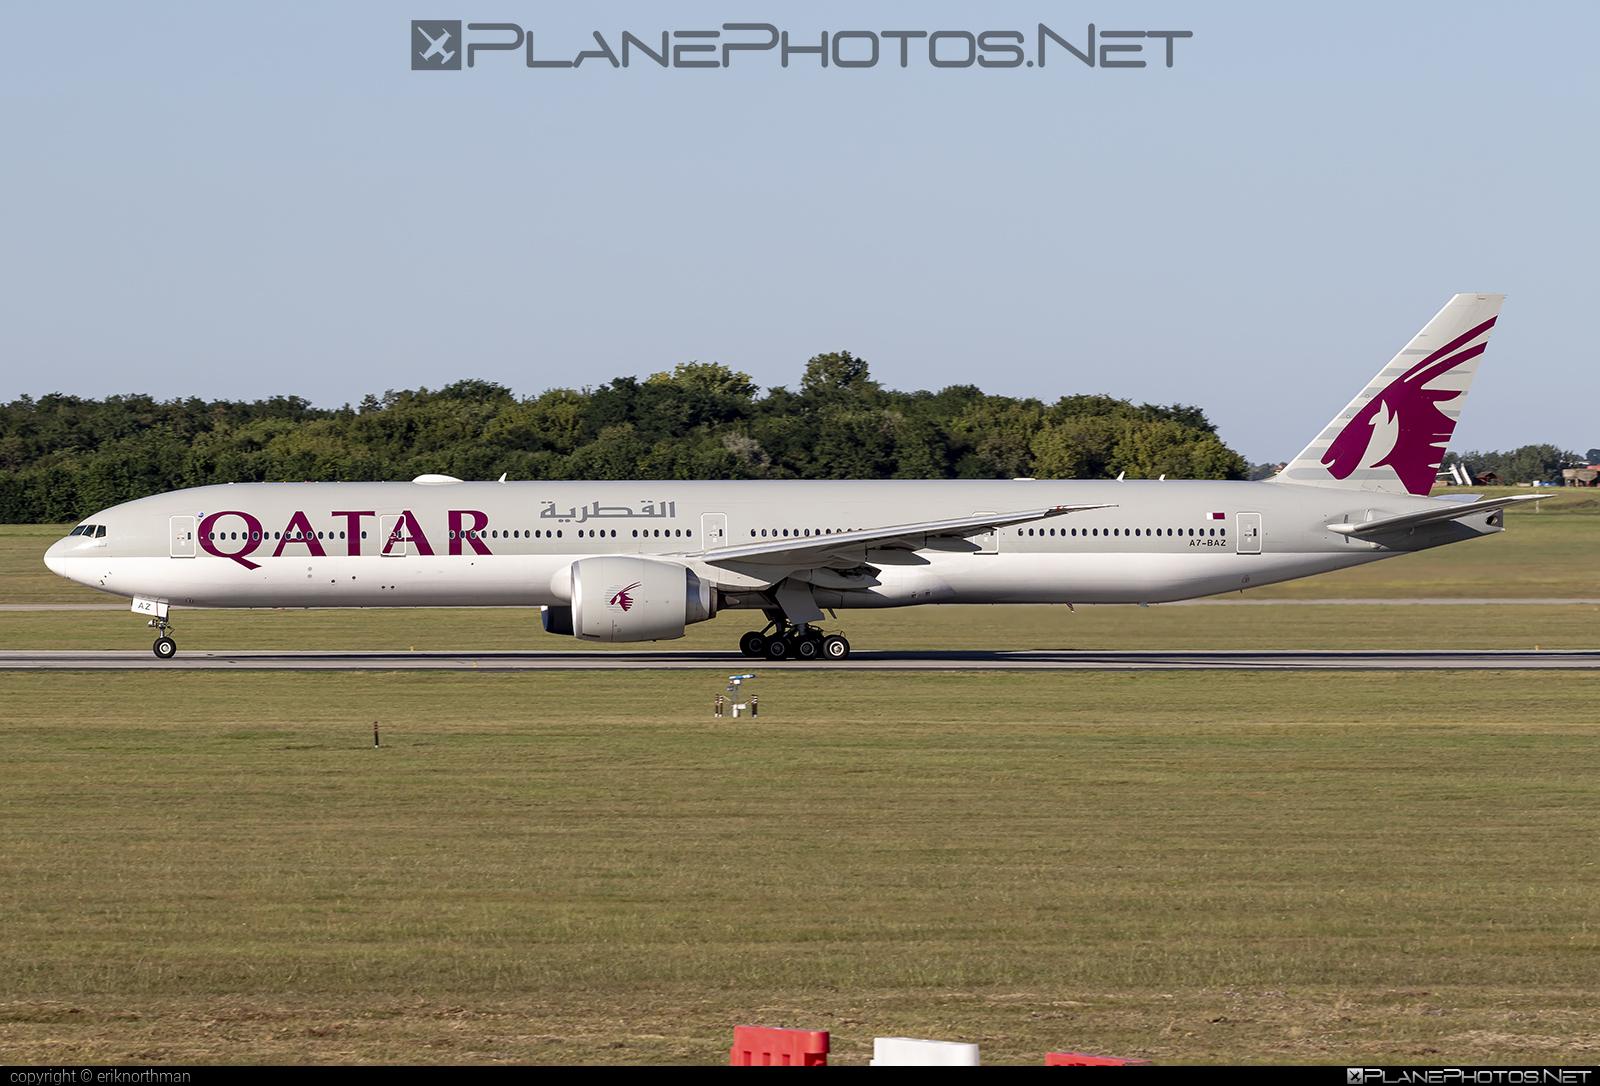 Boeing 777-300ER - A7-BAZ operated by Qatar Airways #b777 #b777er #boeing #boeing777 #qatarairways #tripleseven